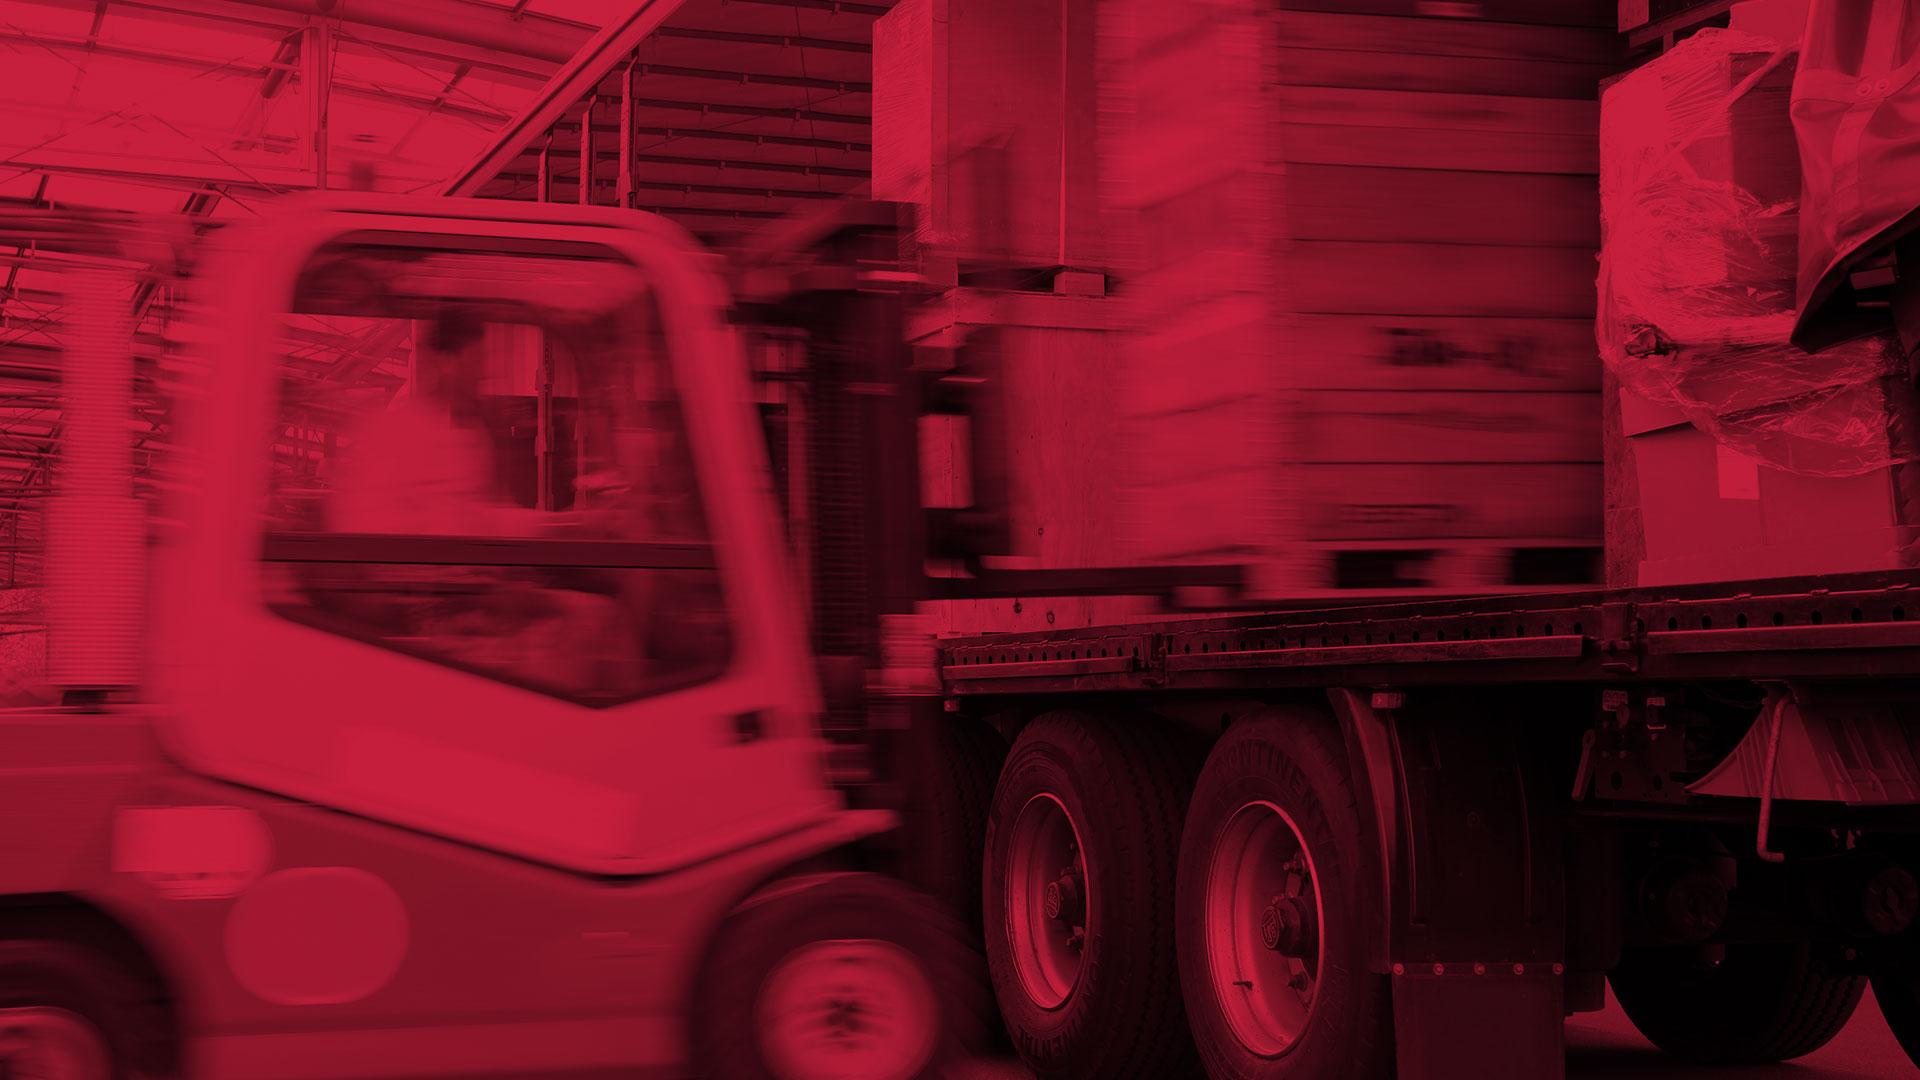 camion-carga-de-agencia-aduanal-en-tijuana